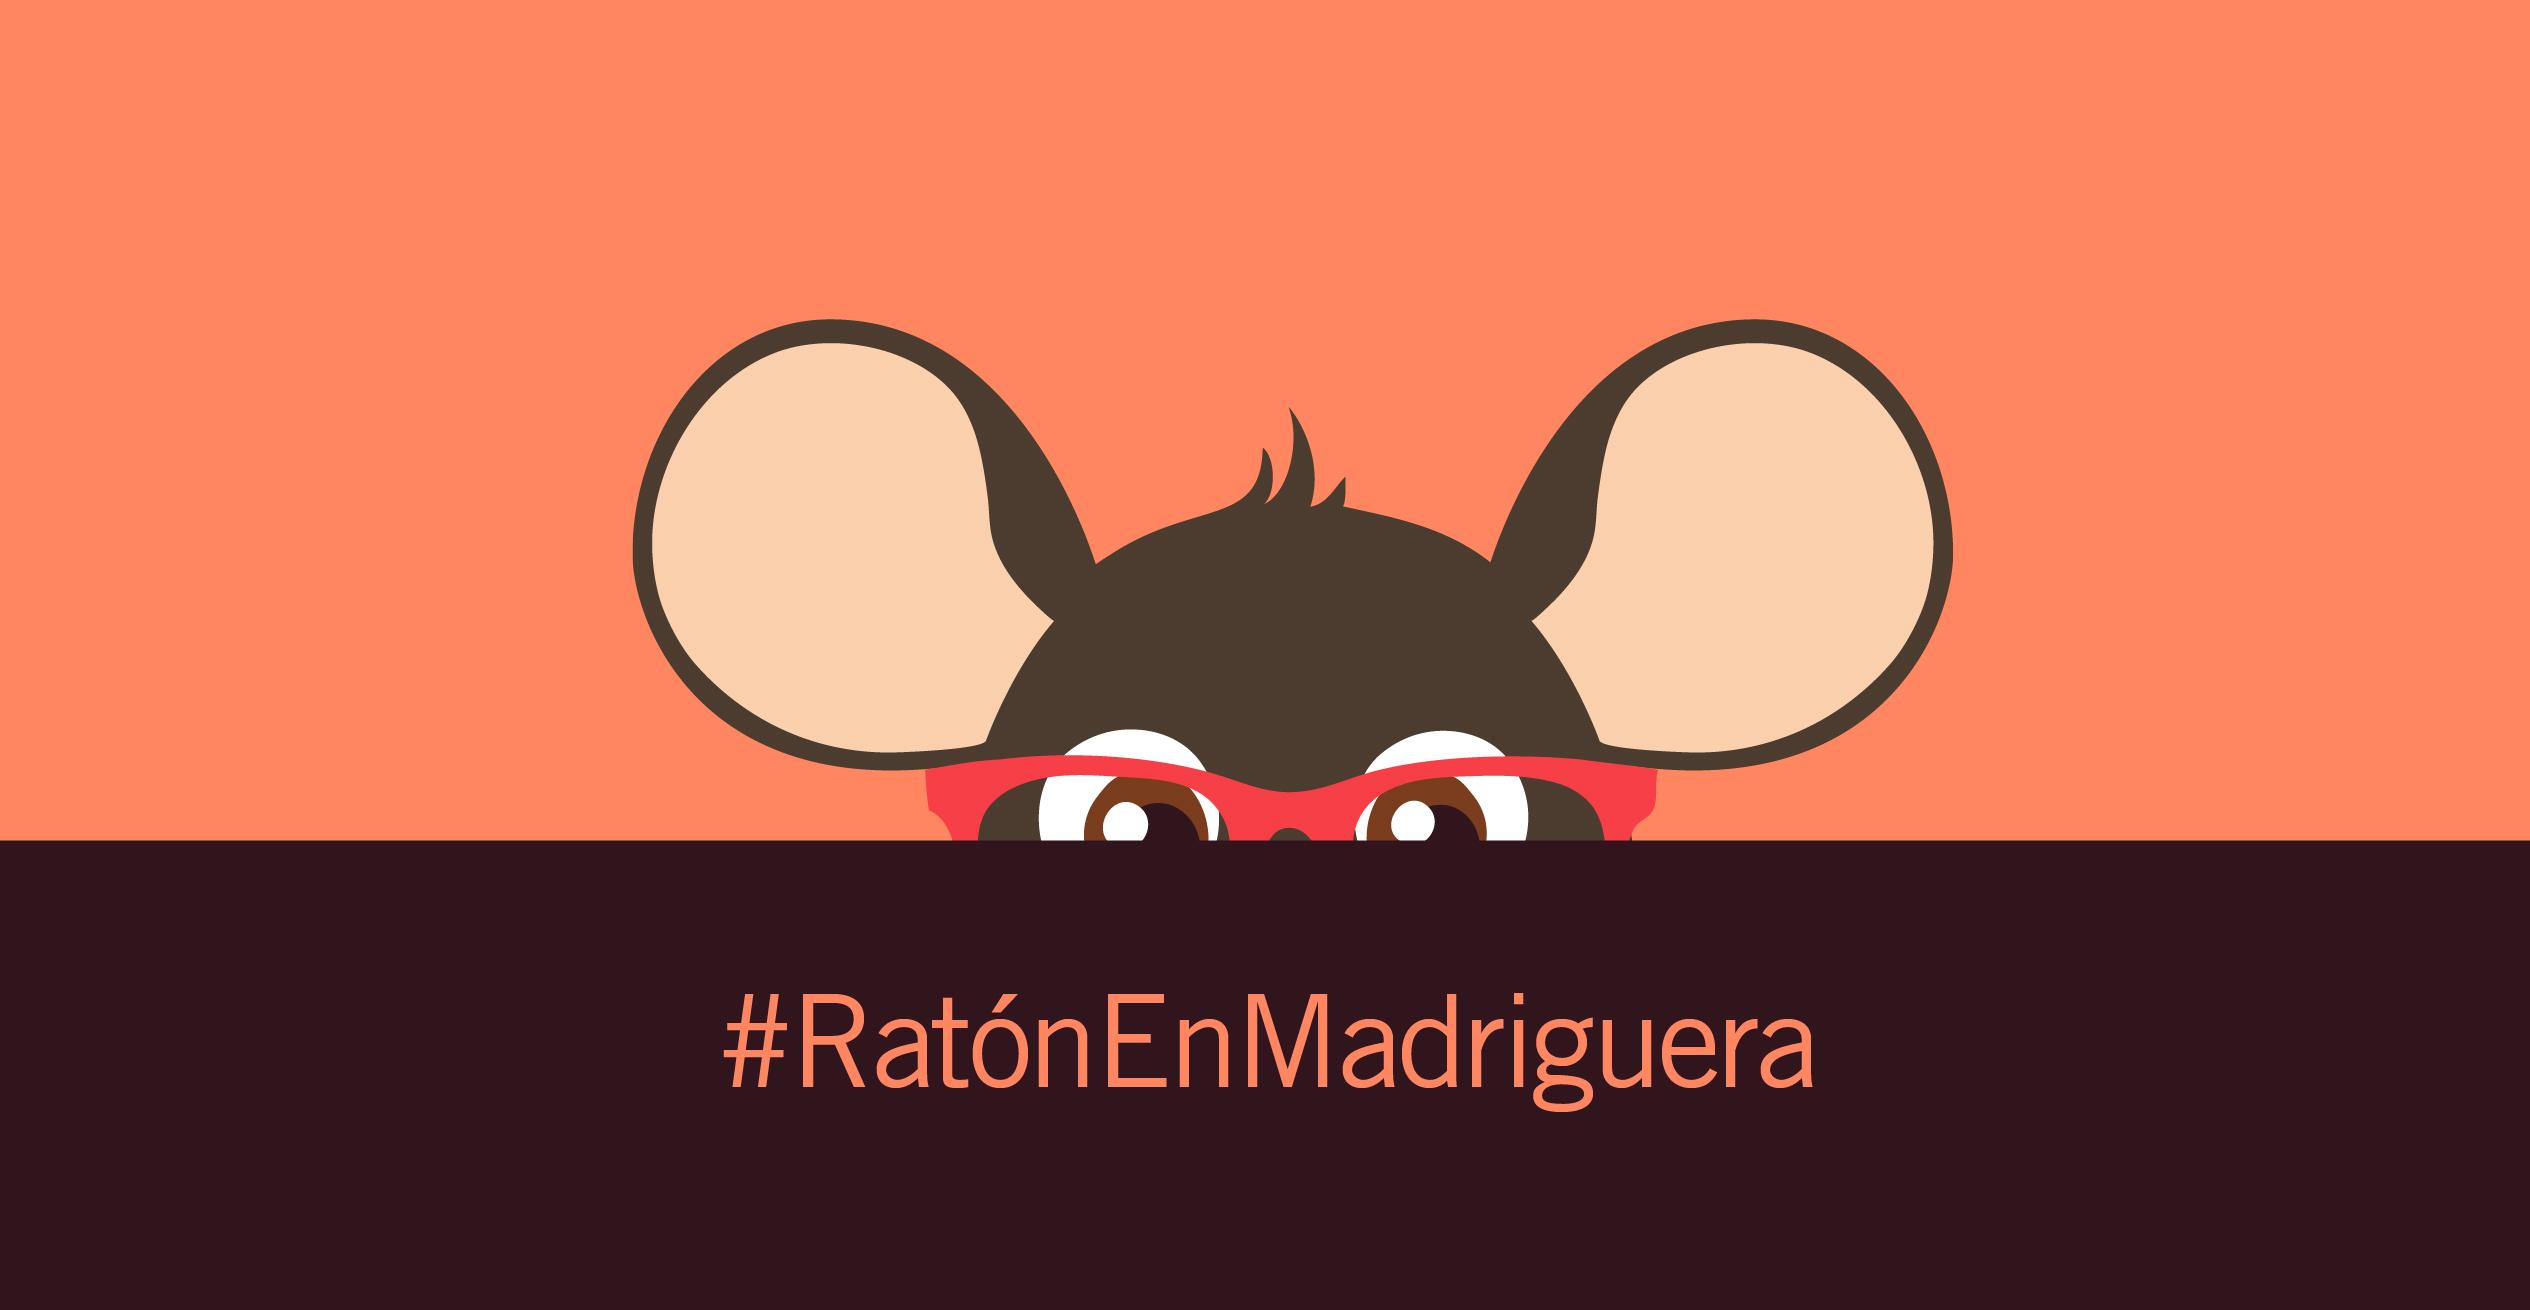 Ratón en Madriguera